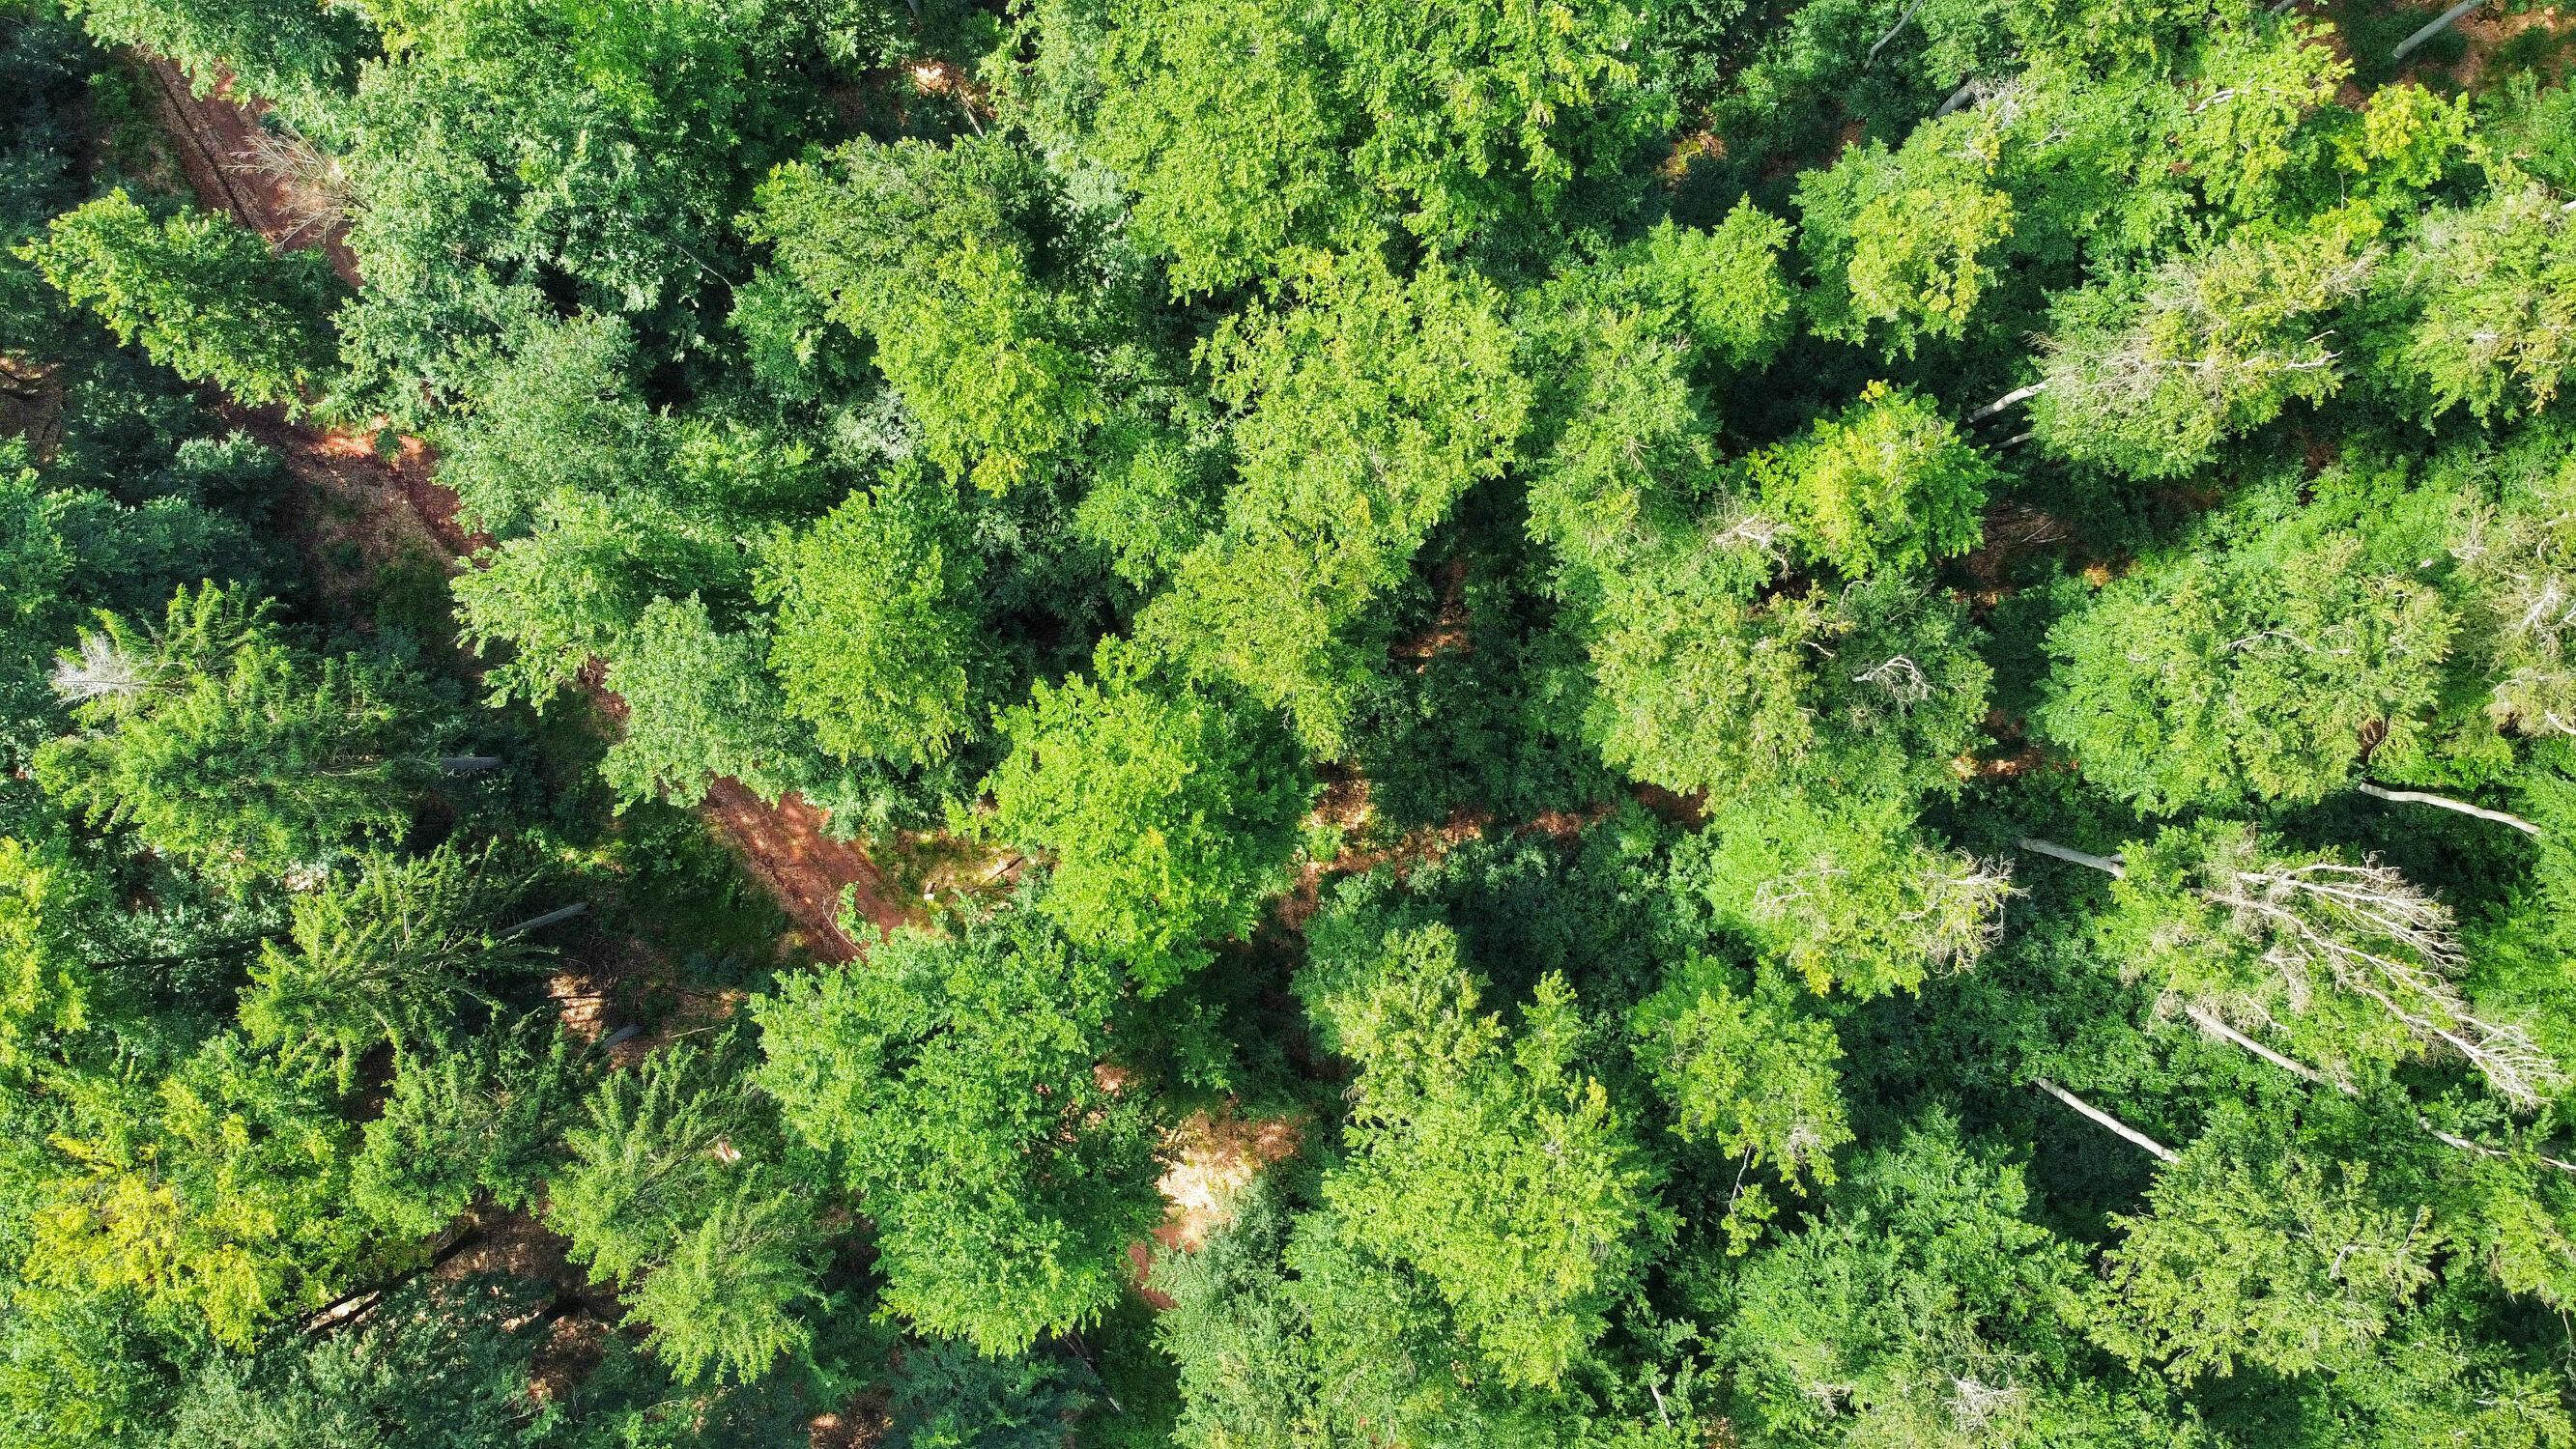 Bild mit Natur, Landschaften, Wälder, Wald, Landschaft, Natur pur, Luftaufnahme